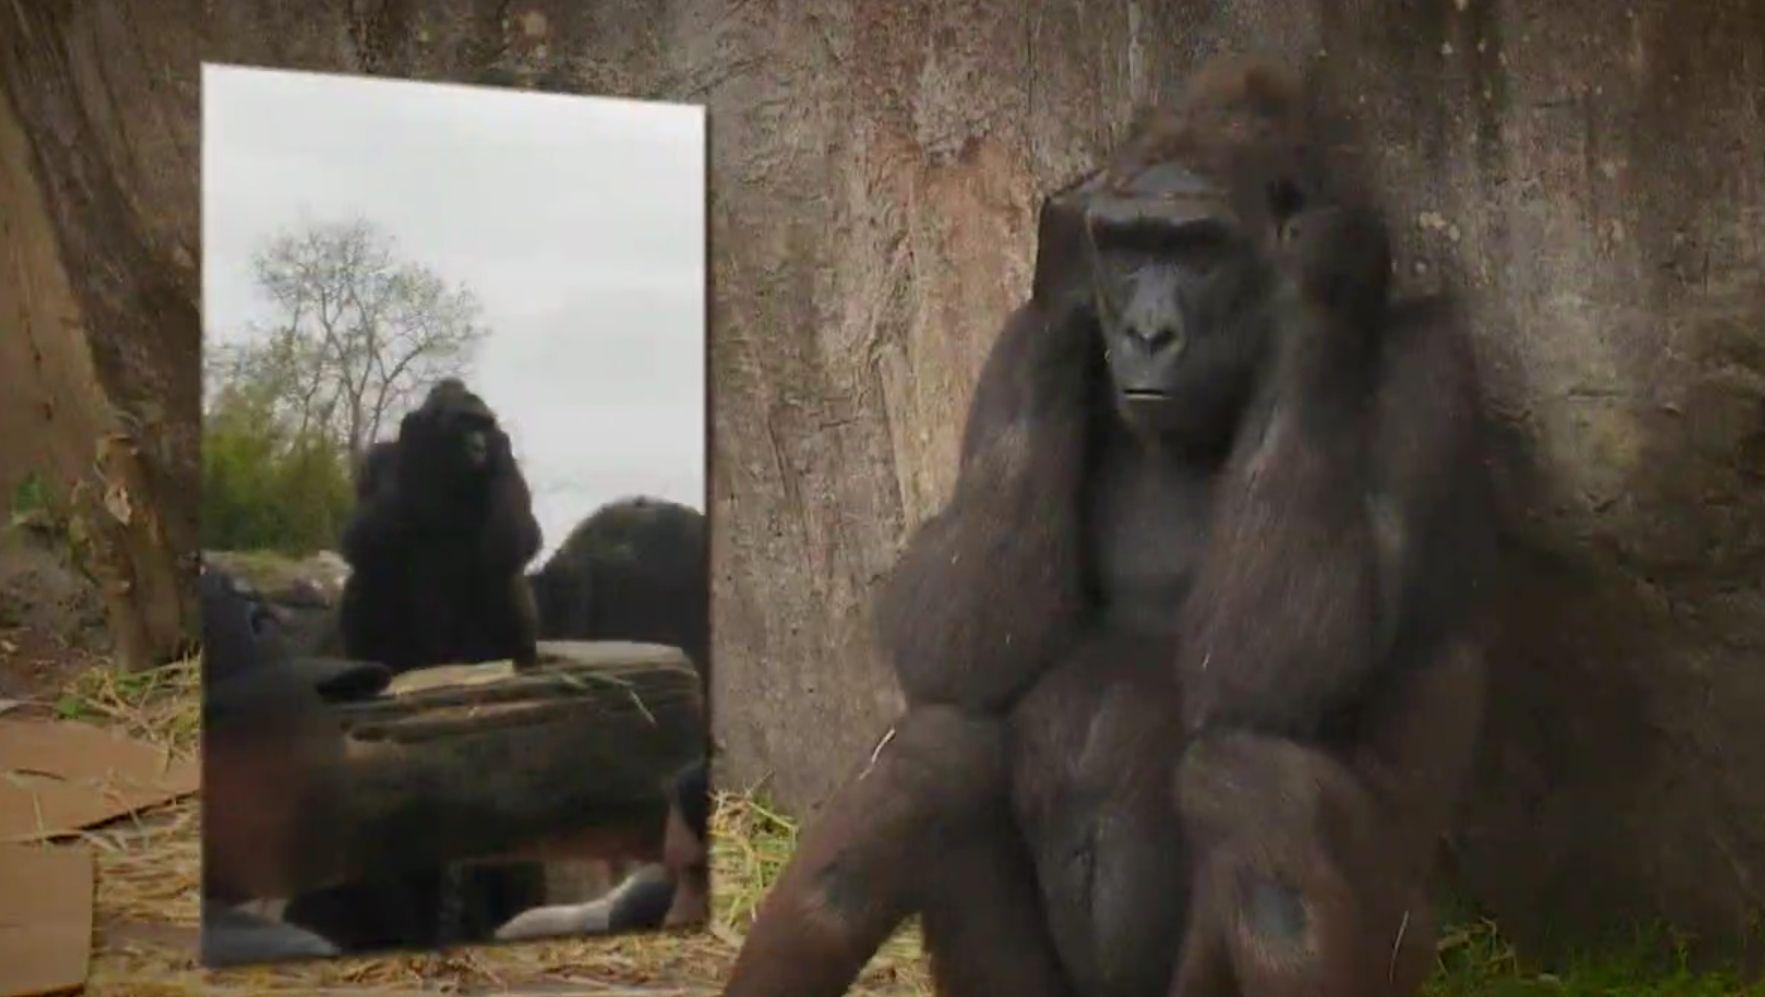 Farönkkel dobott fejbe egy terhes nőt egy gorilla a New Orleans-i állatkertben